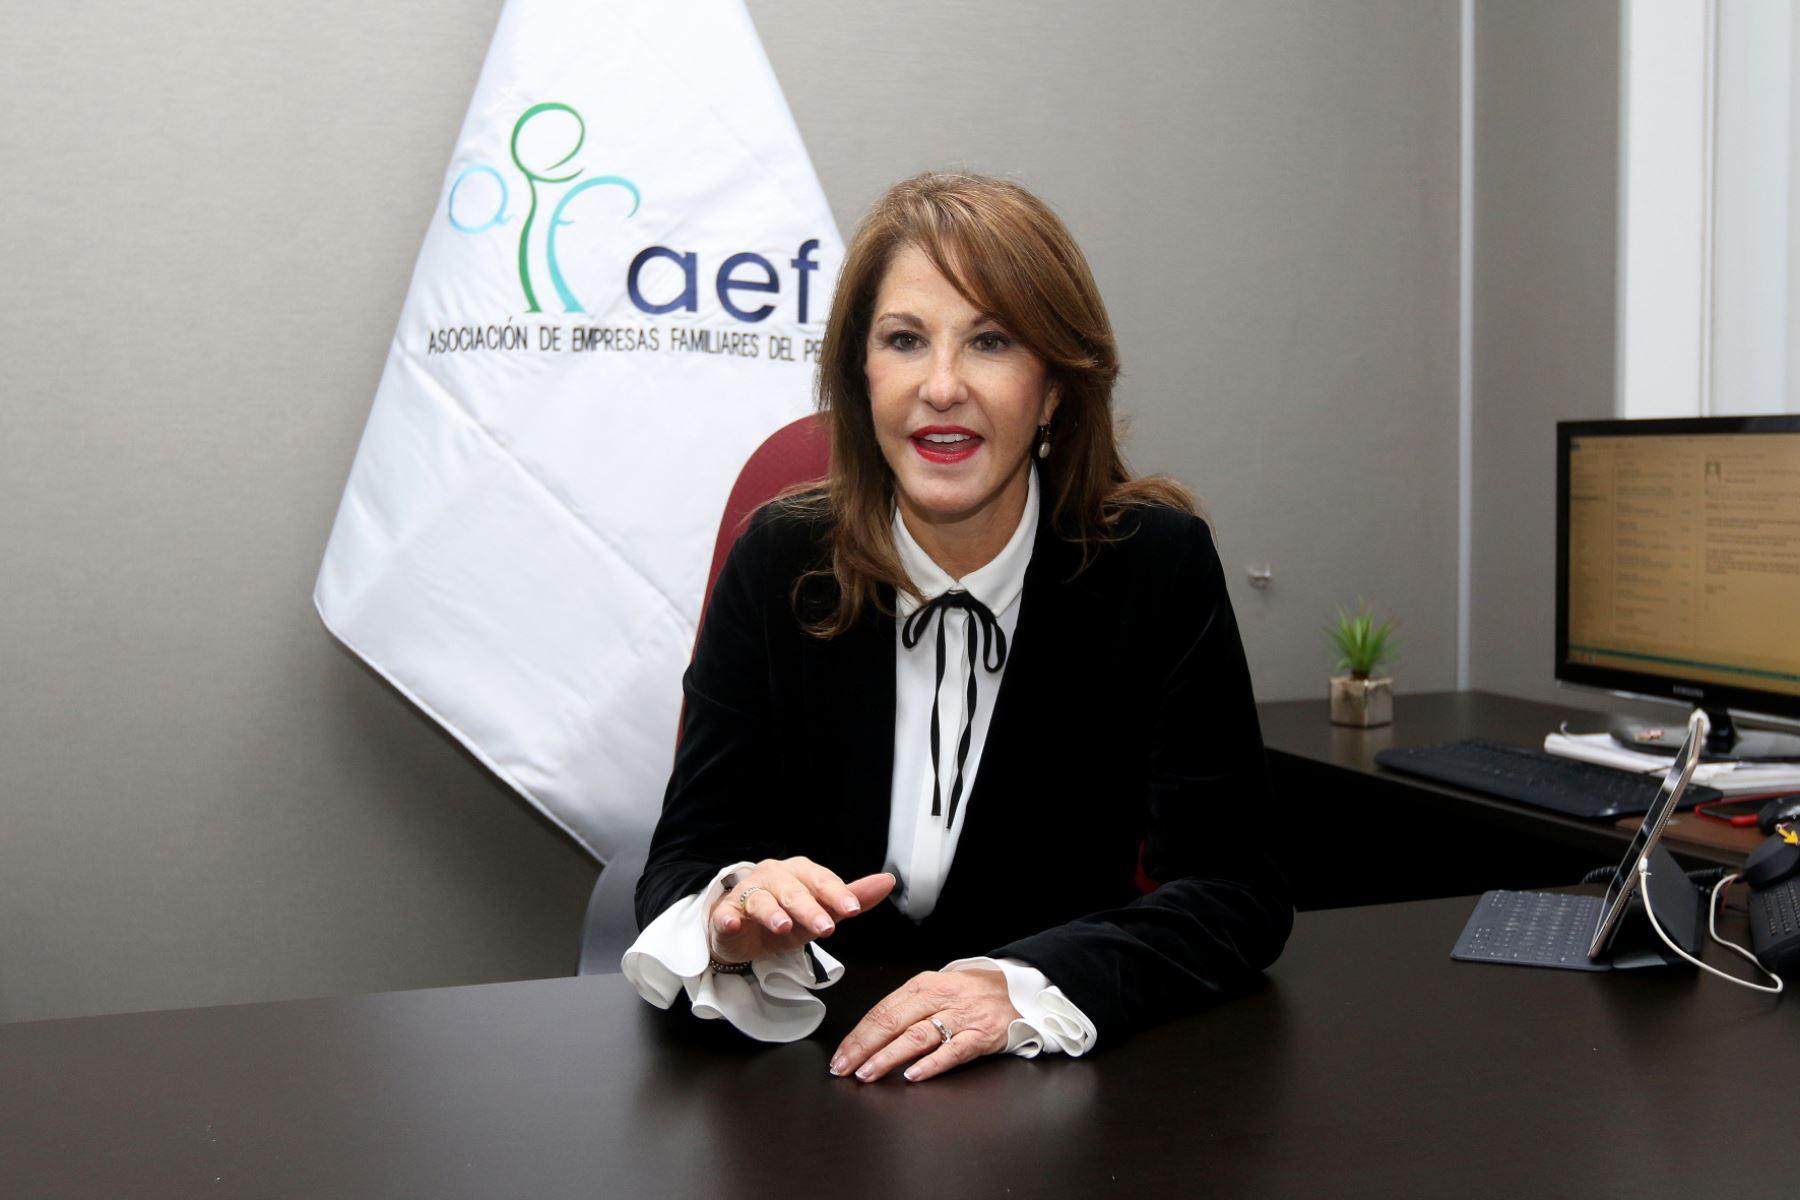 Presidenta de la Asociación de Empresas Familiares (AEF) y directora del grupo Maquinarias, Mariana Garland.